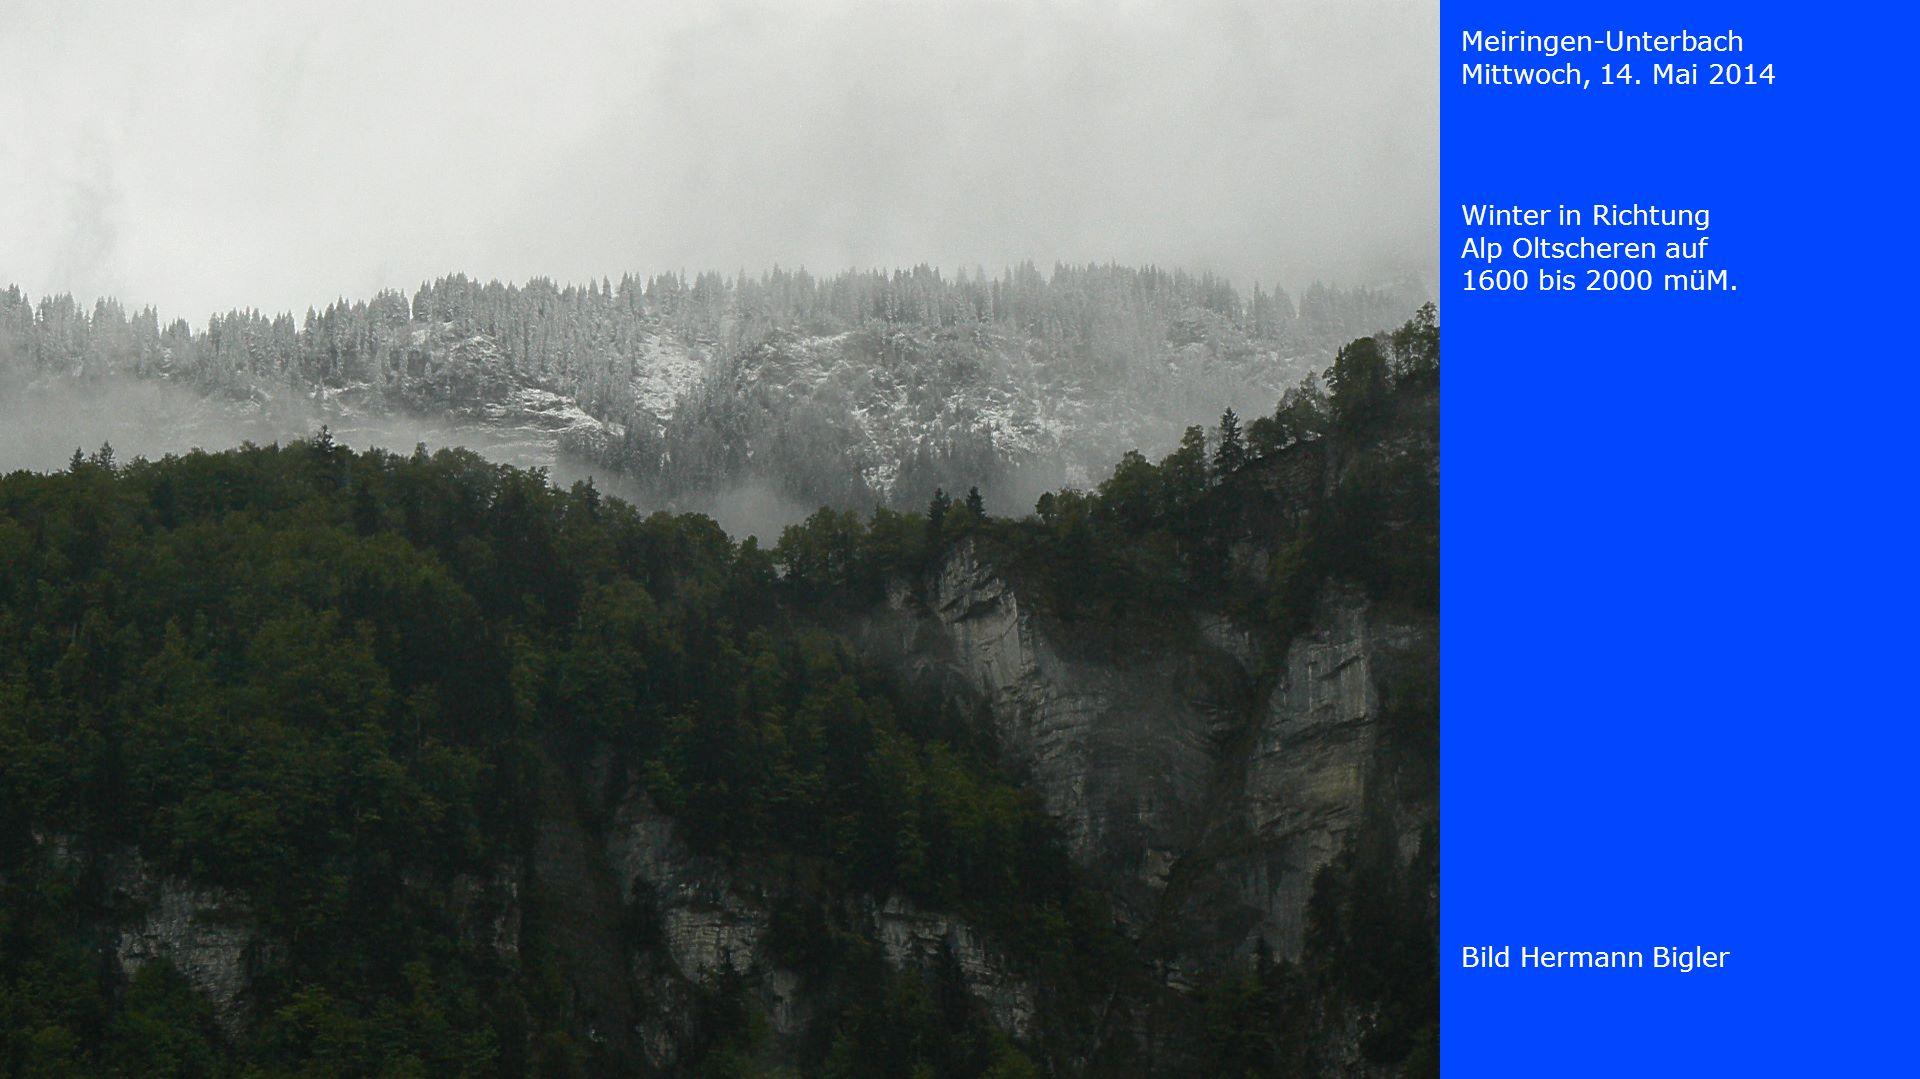 Meiringen-Unterbach Mittwoch, 14. Mai 2014 Bild Hermann Bigler Winter in Richtung Alp Oltscheren auf 1600 bis 2000 müM.